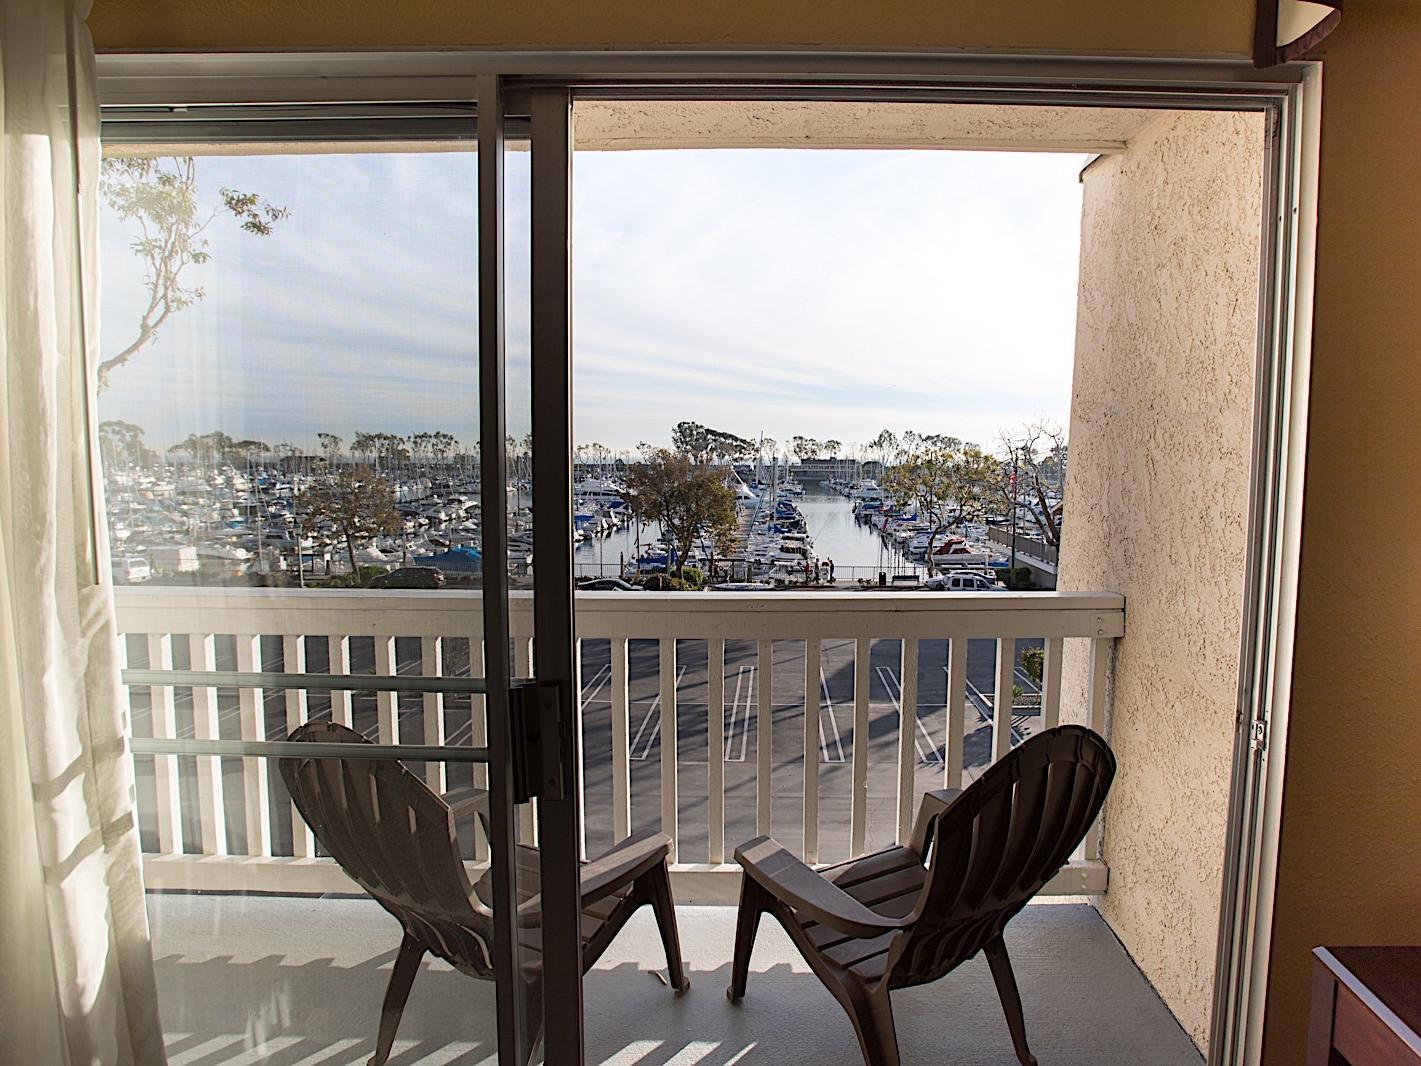 Deluxe Harbor View